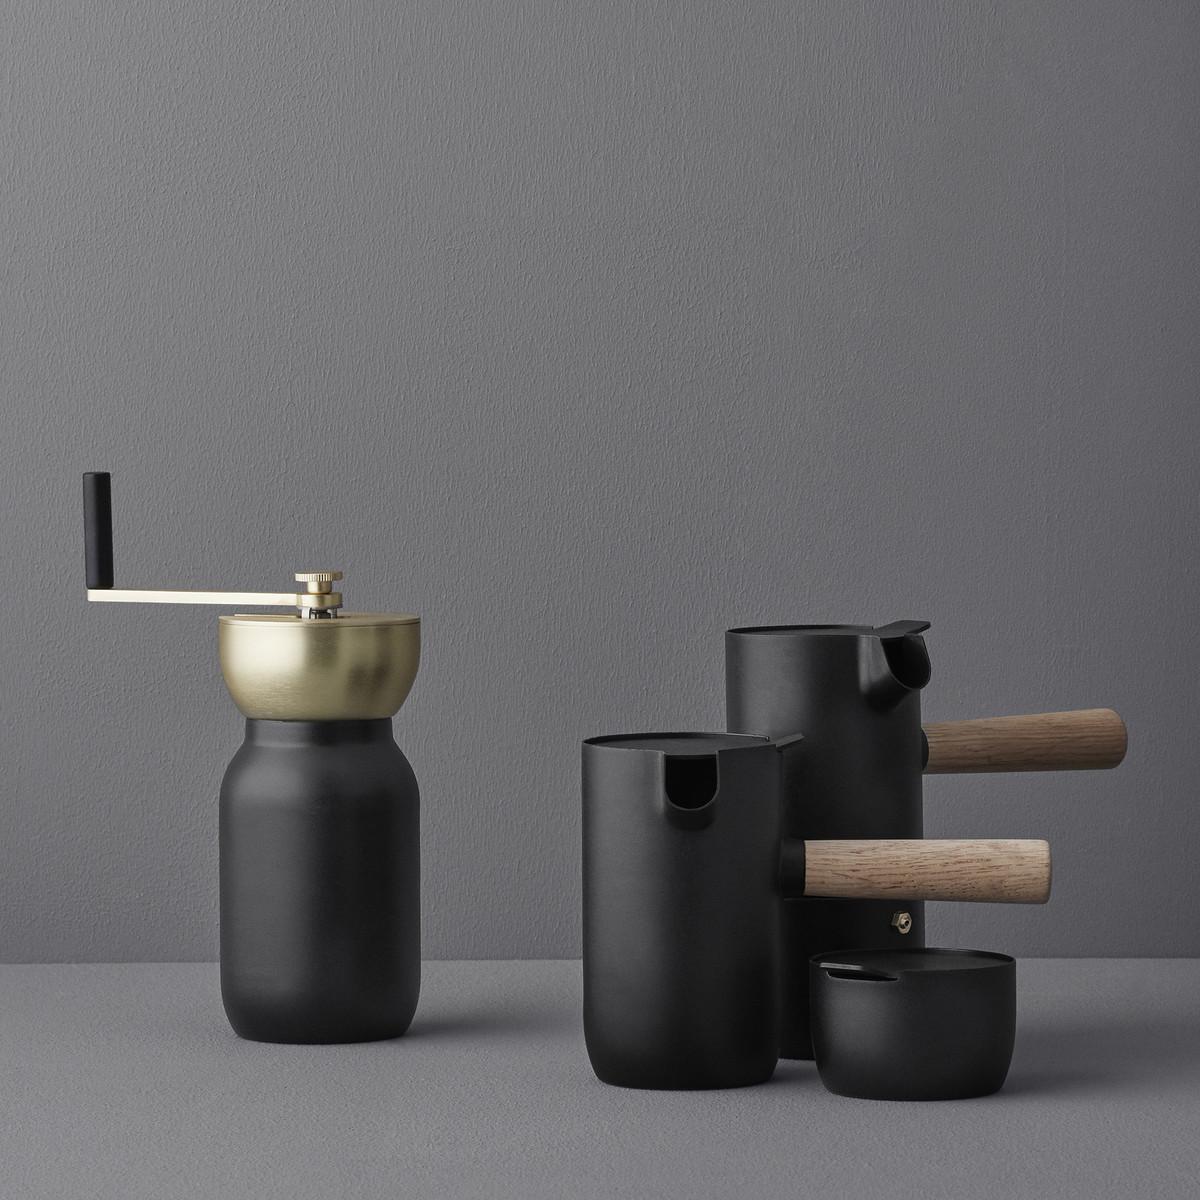 Stelton-Collar-Esspress-Milchkaenchen-Kaffeemuehle-Zuckerdose-Ambietn